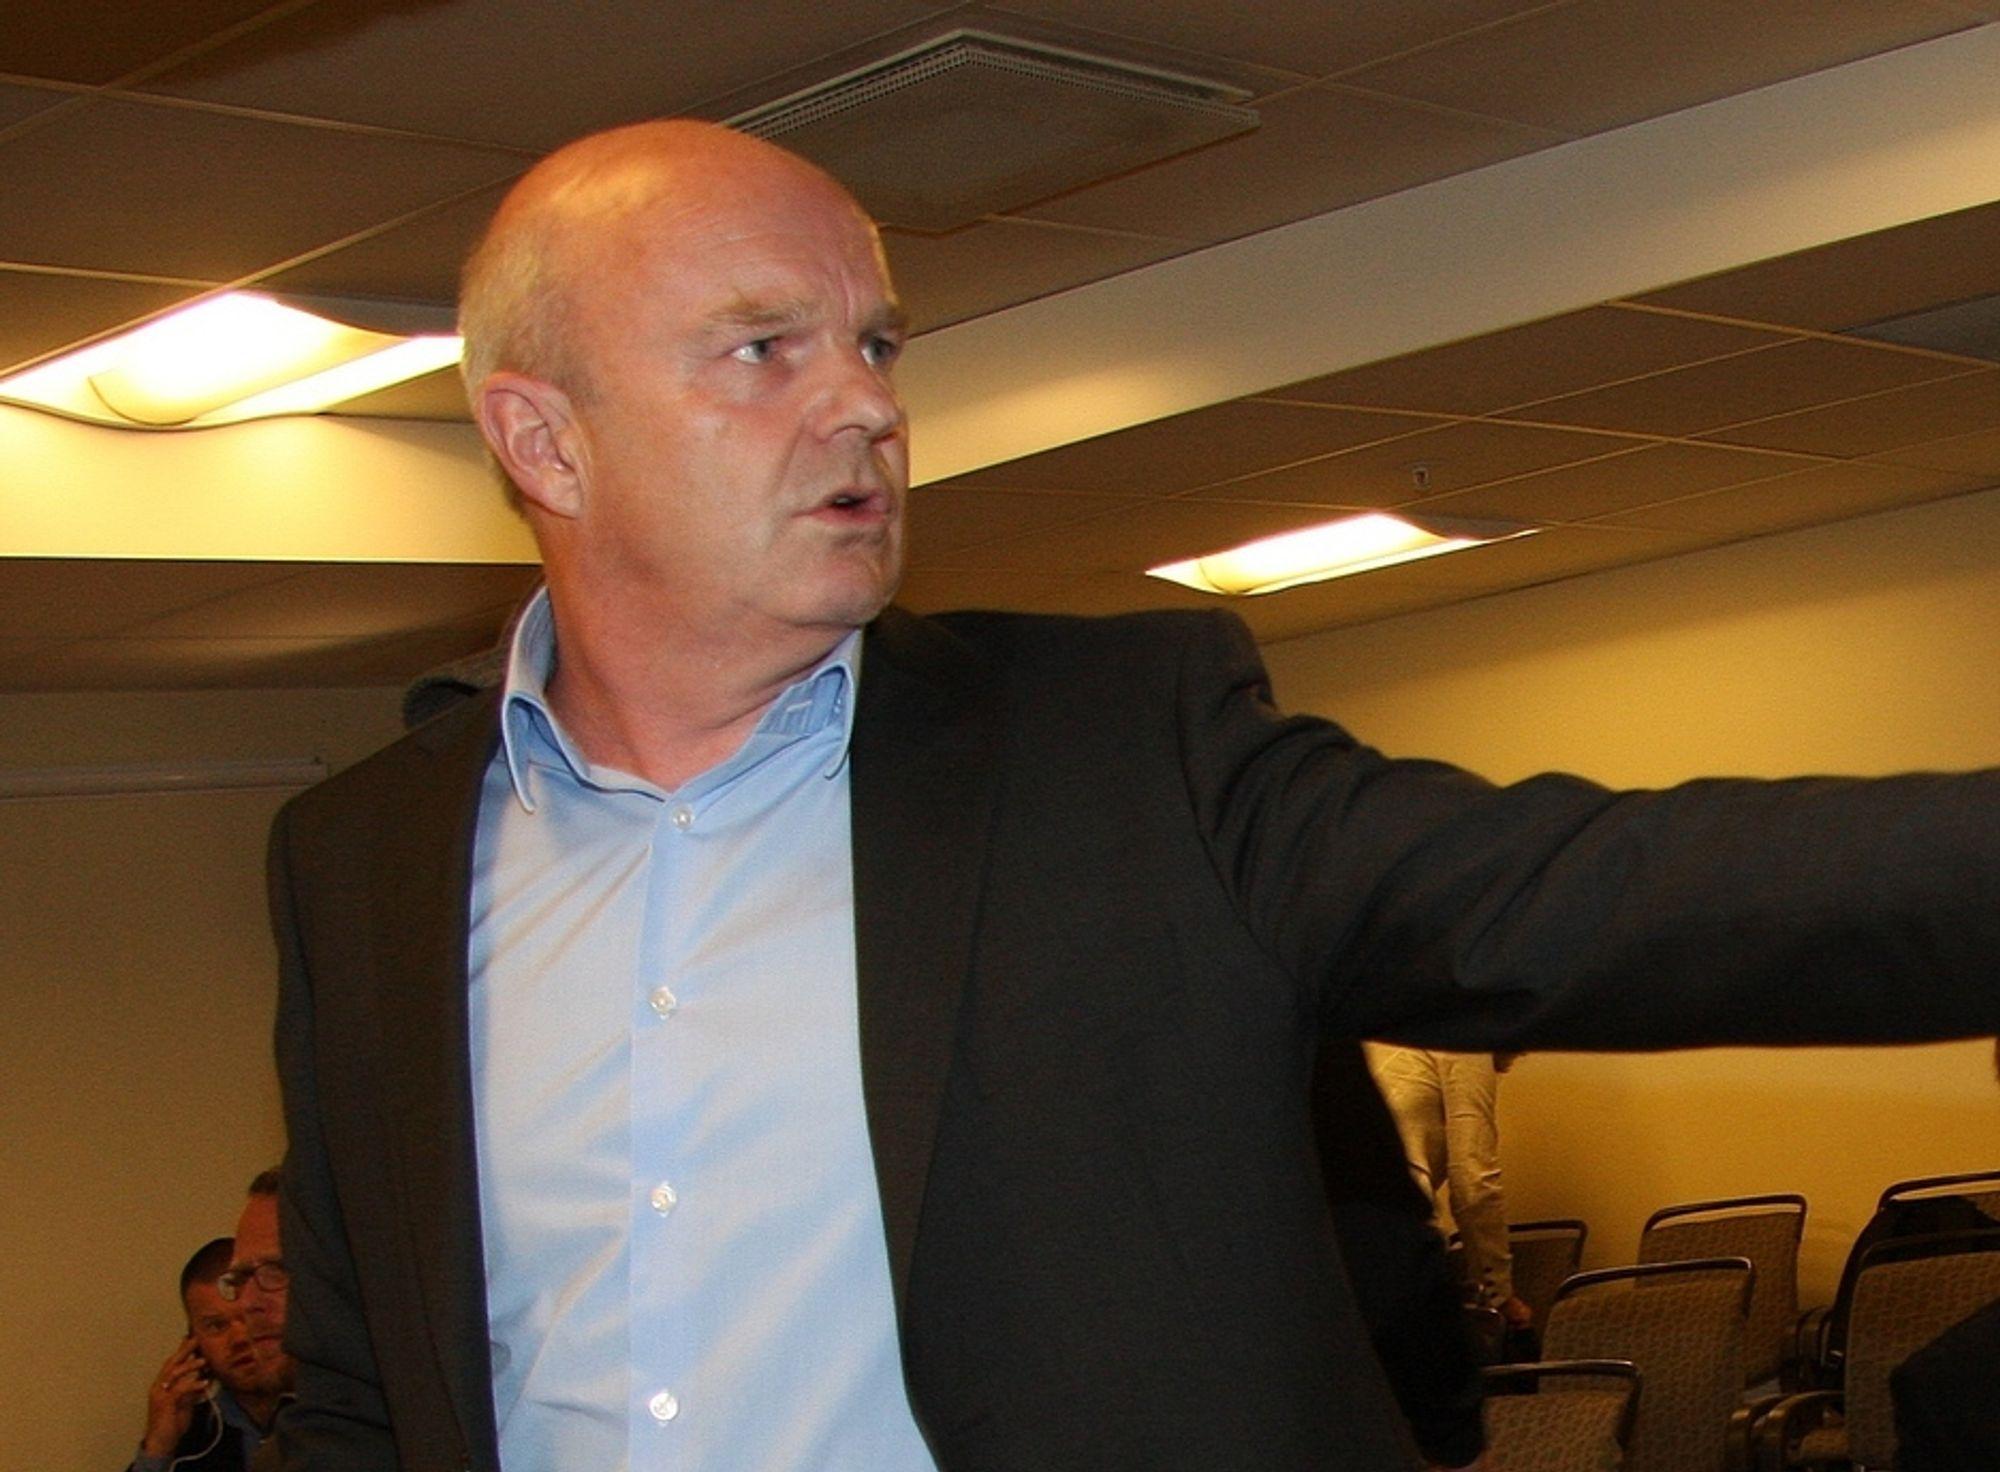 FLEST: EDB og John-Arne Haugerud tar flest lederposisjoner i det nye selskapet.